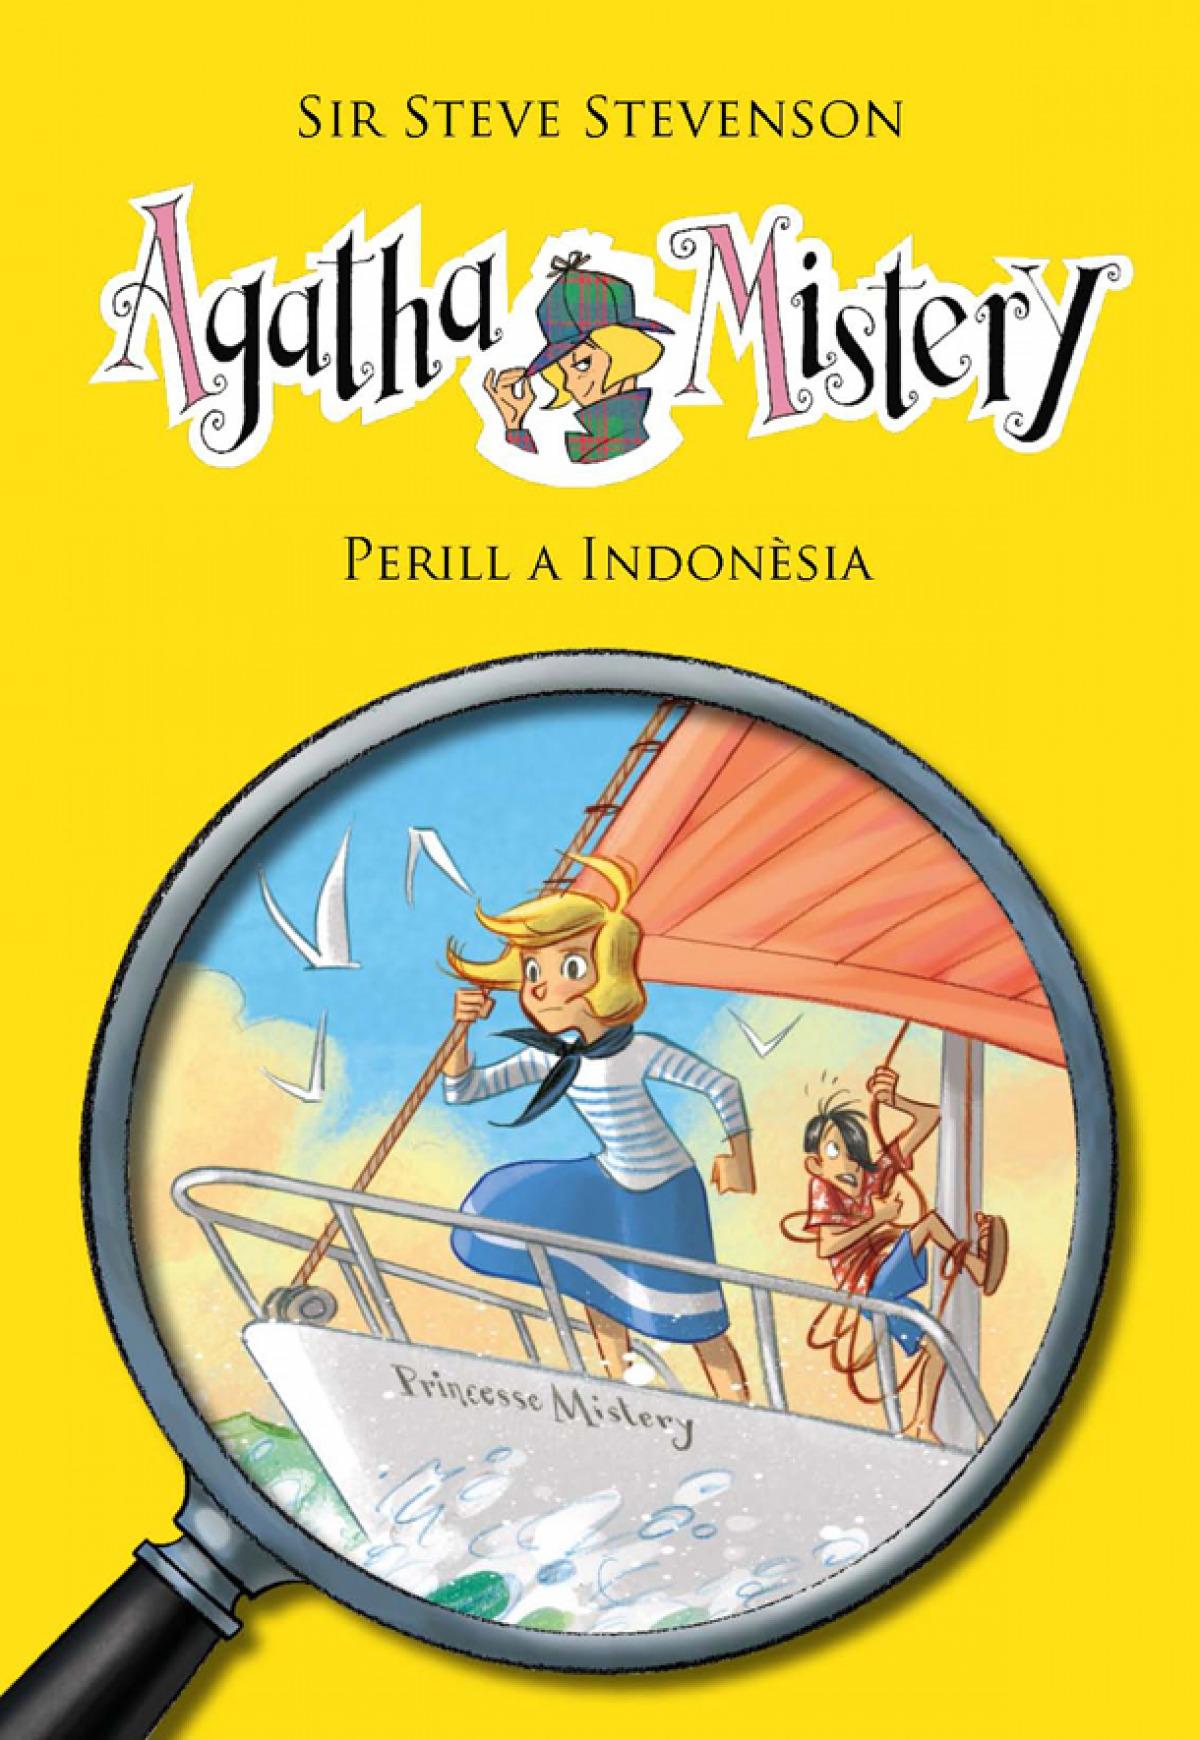 Perill a Indonesia